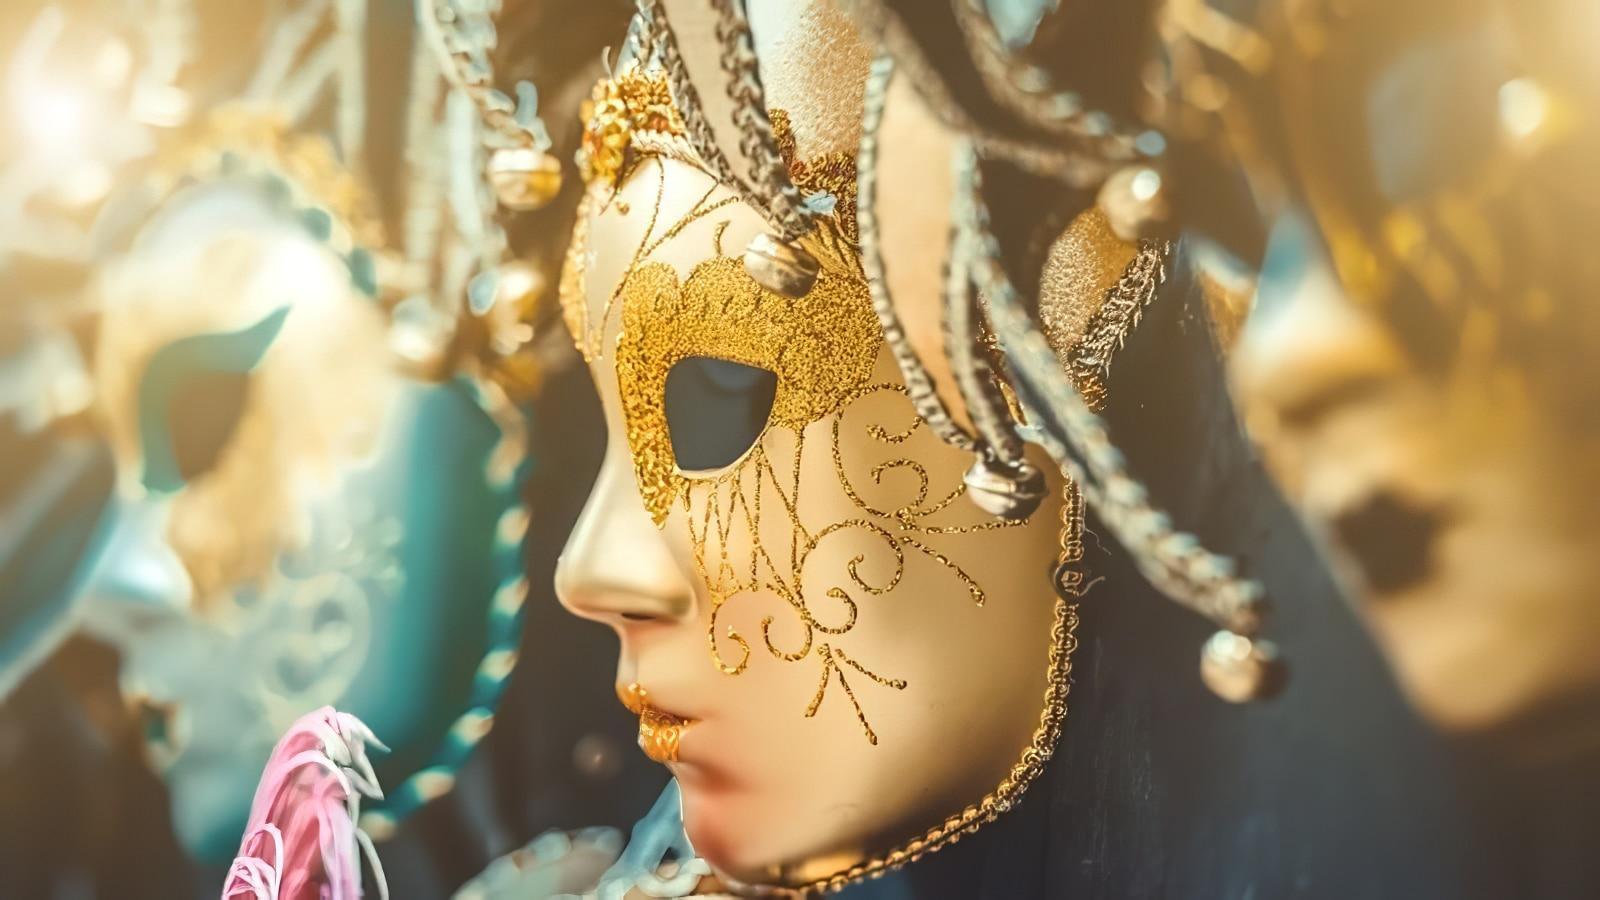 Venise: une visite guidée autour de l'art vénitien et des artisans locaux